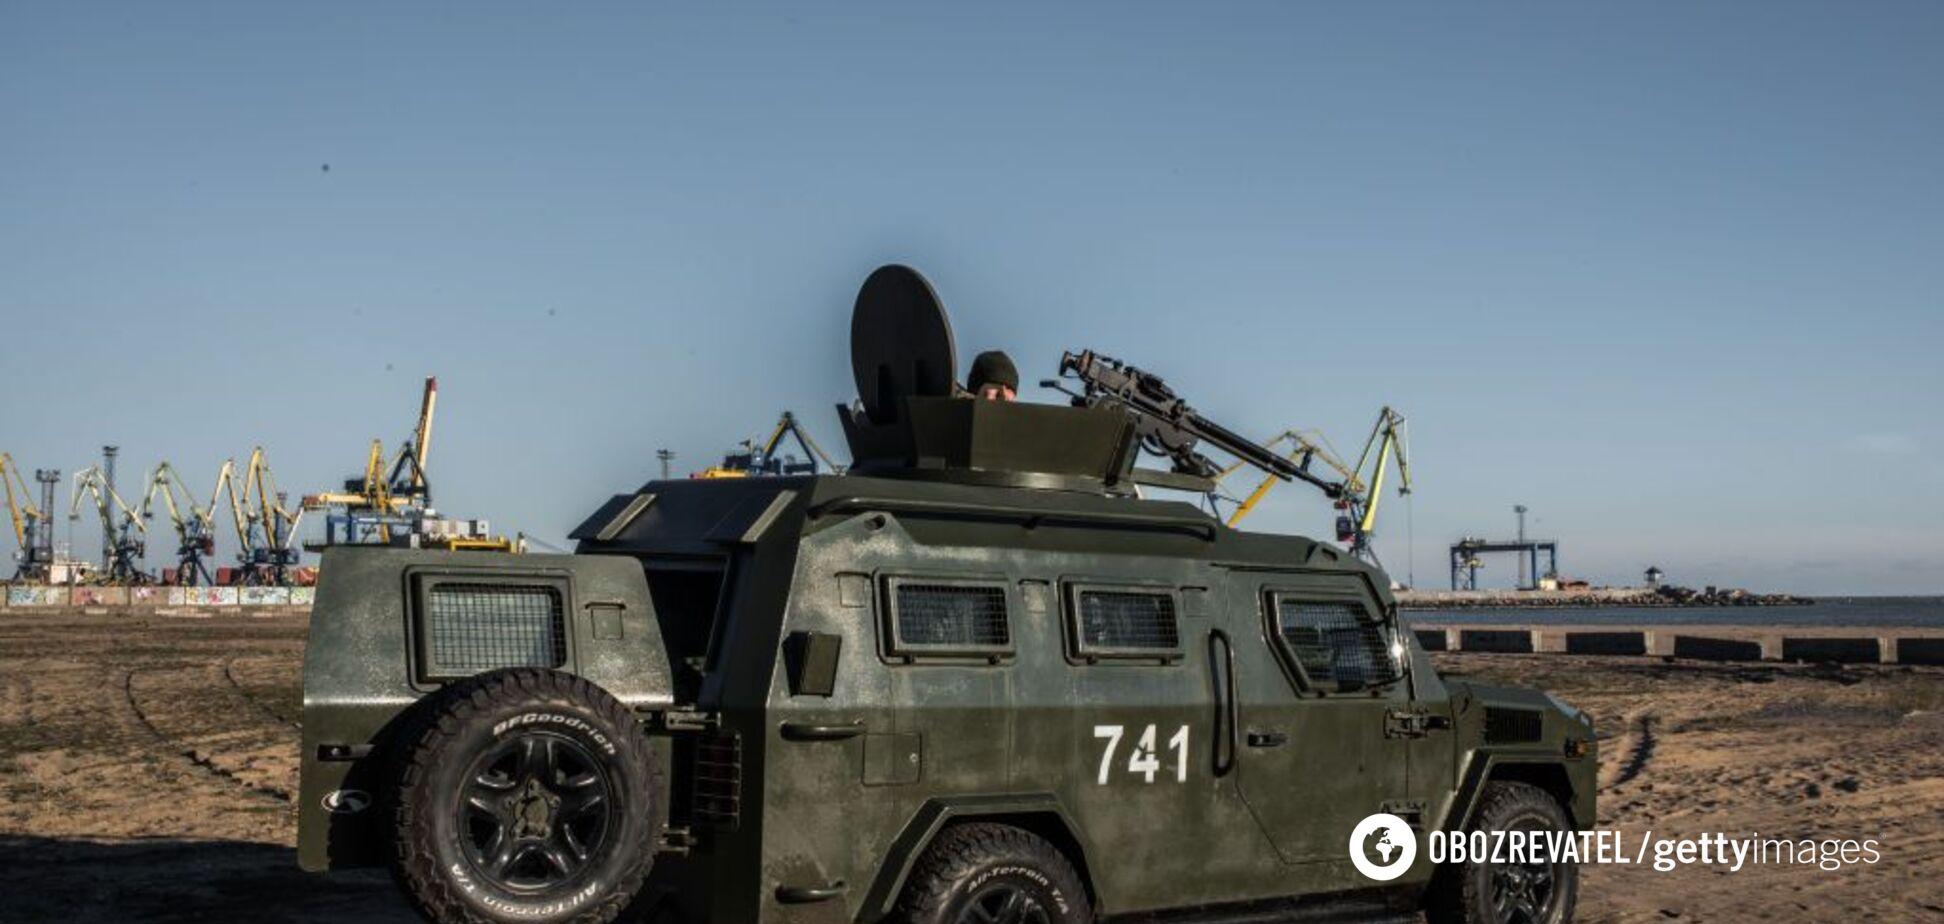 Сотни взрывов и раненые: в ОС сообщили печальные новости с Донбасса